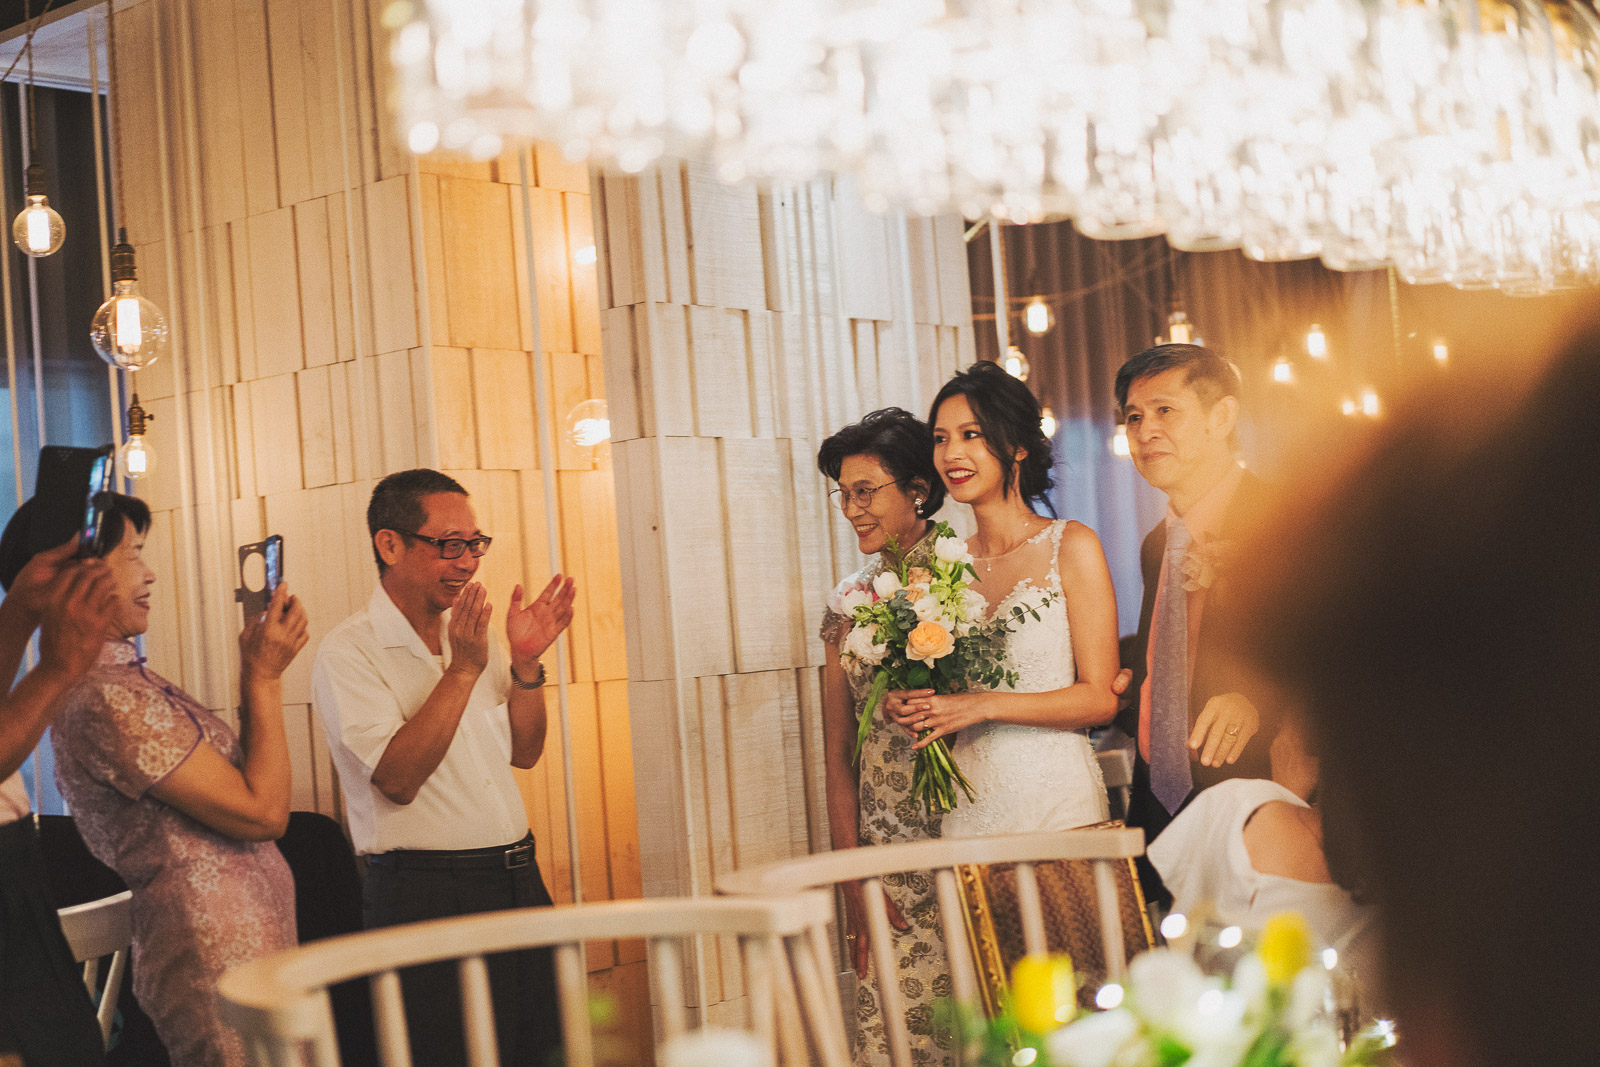 婚禮攝影,婚禮攝影師,台北婚禮